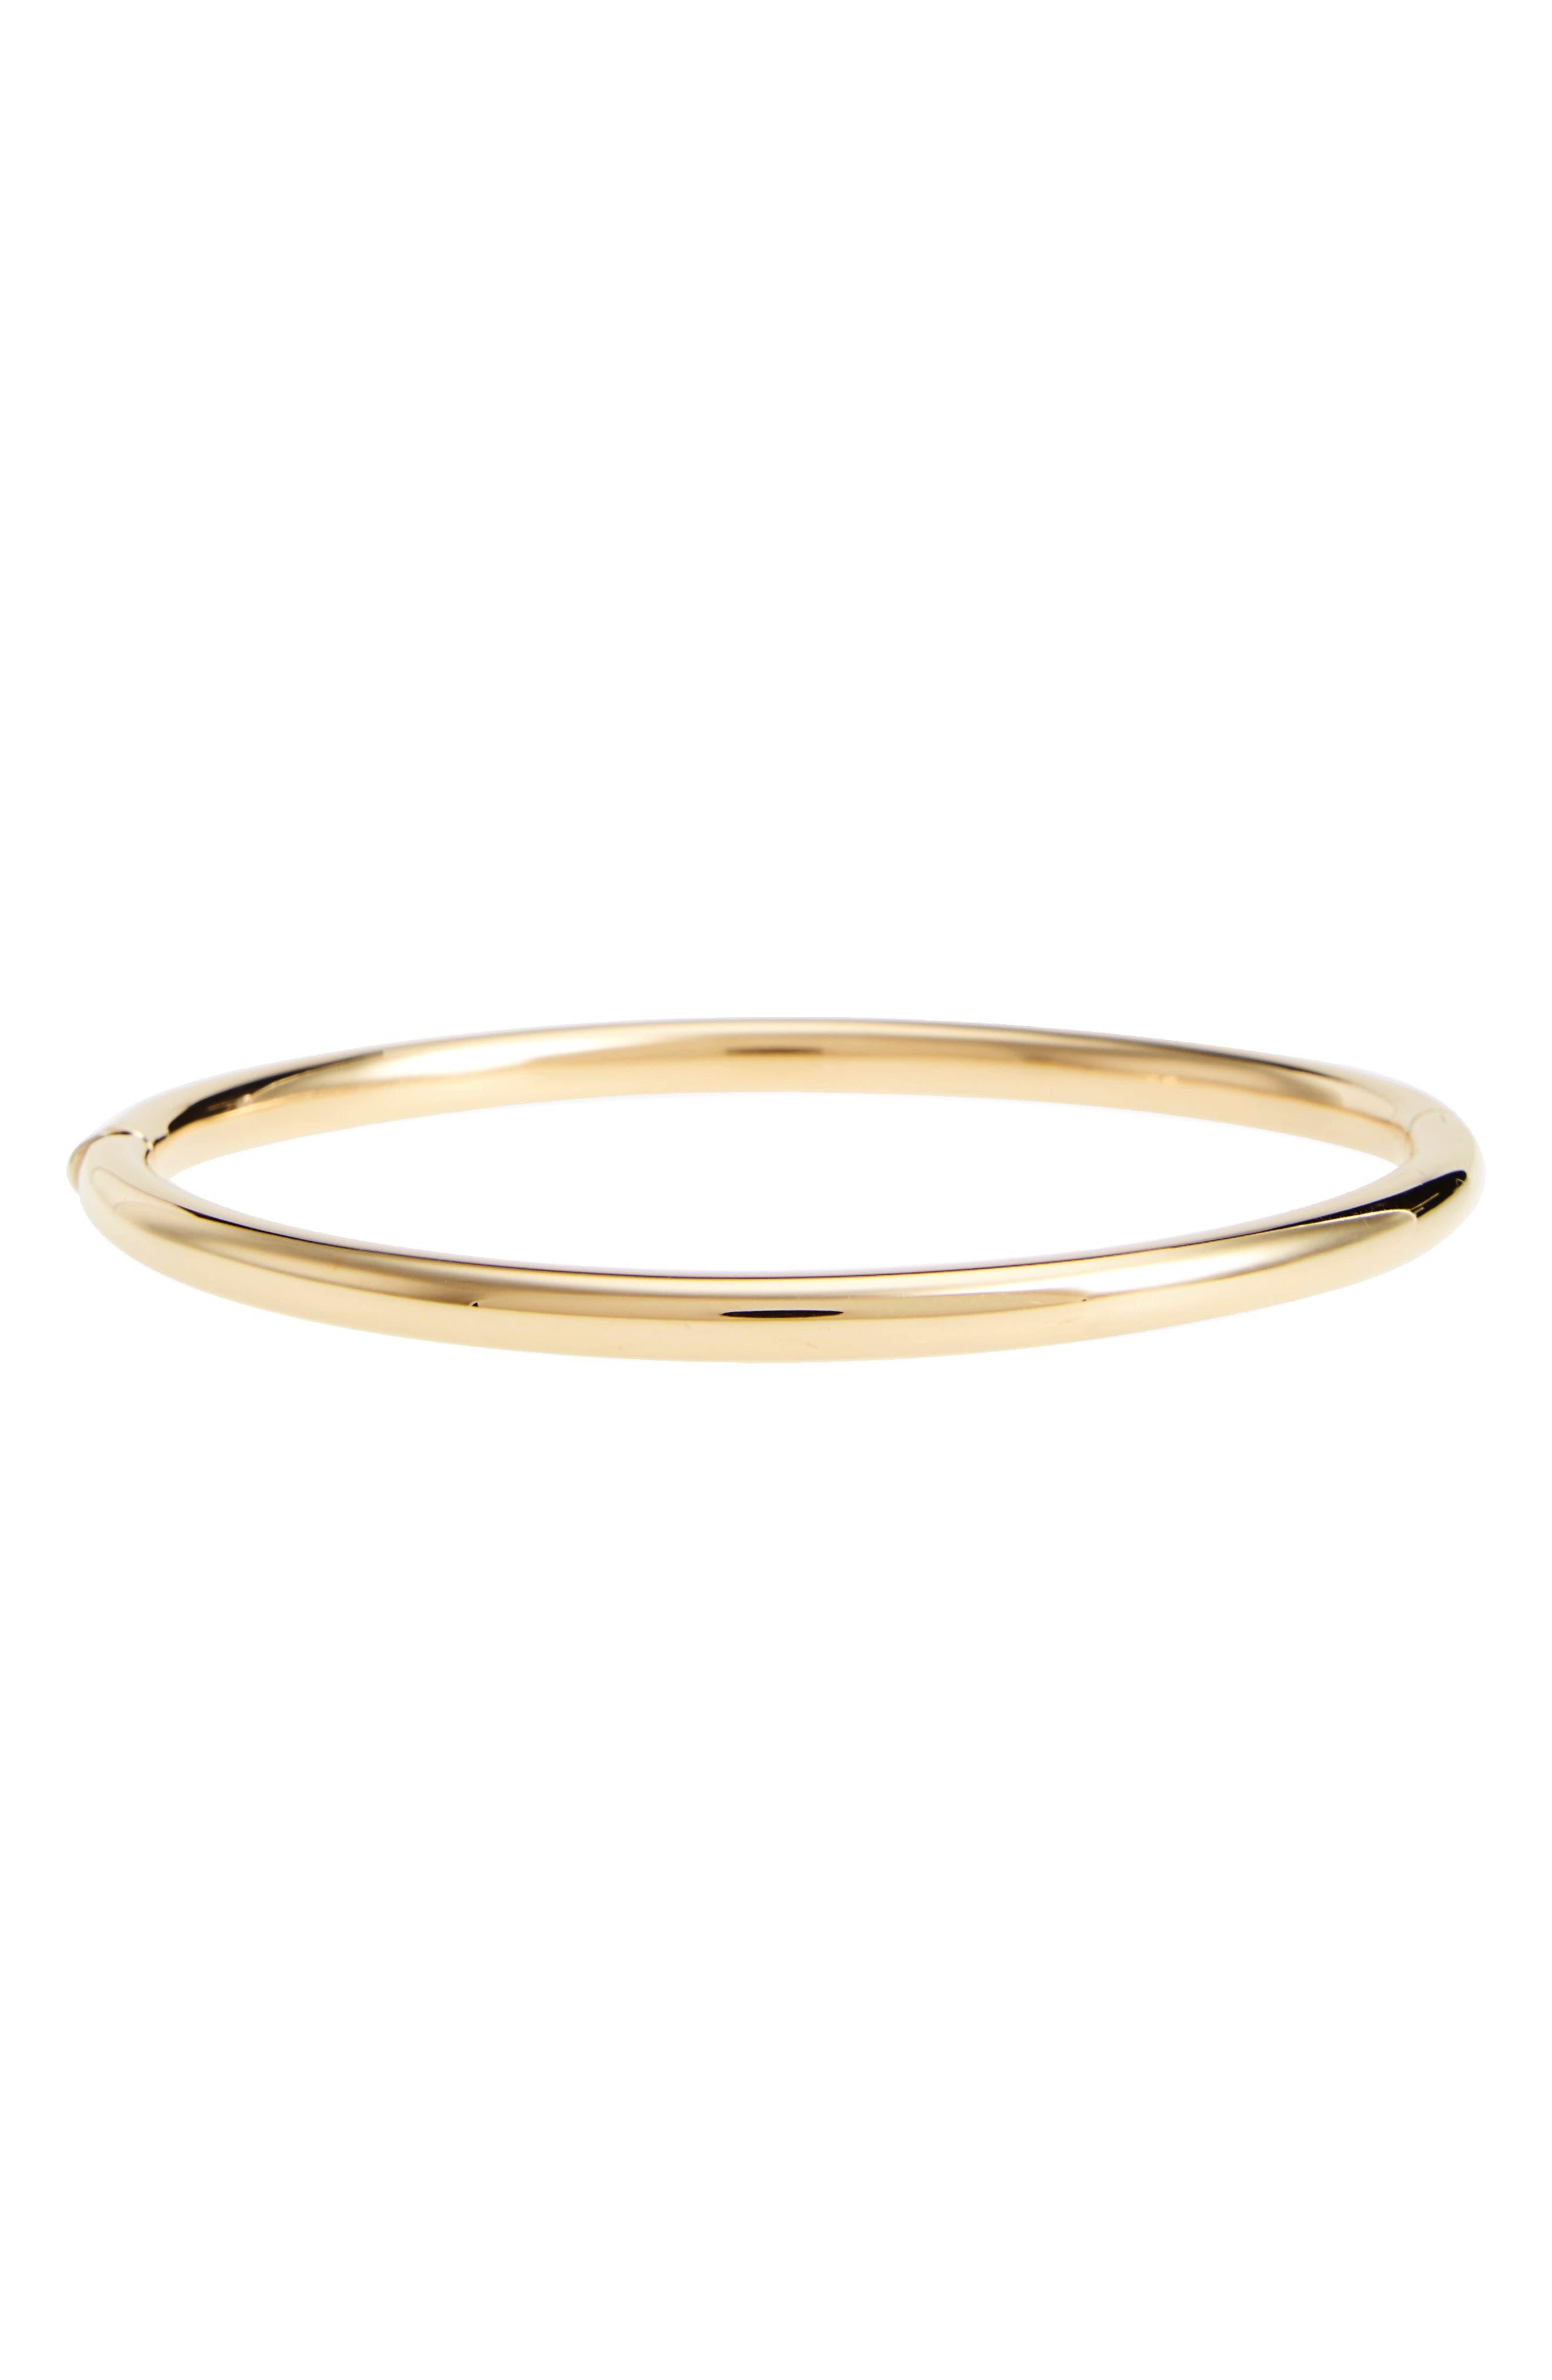 Slim Bangle Bracelet,                             Main thumbnail 1, color,                             710